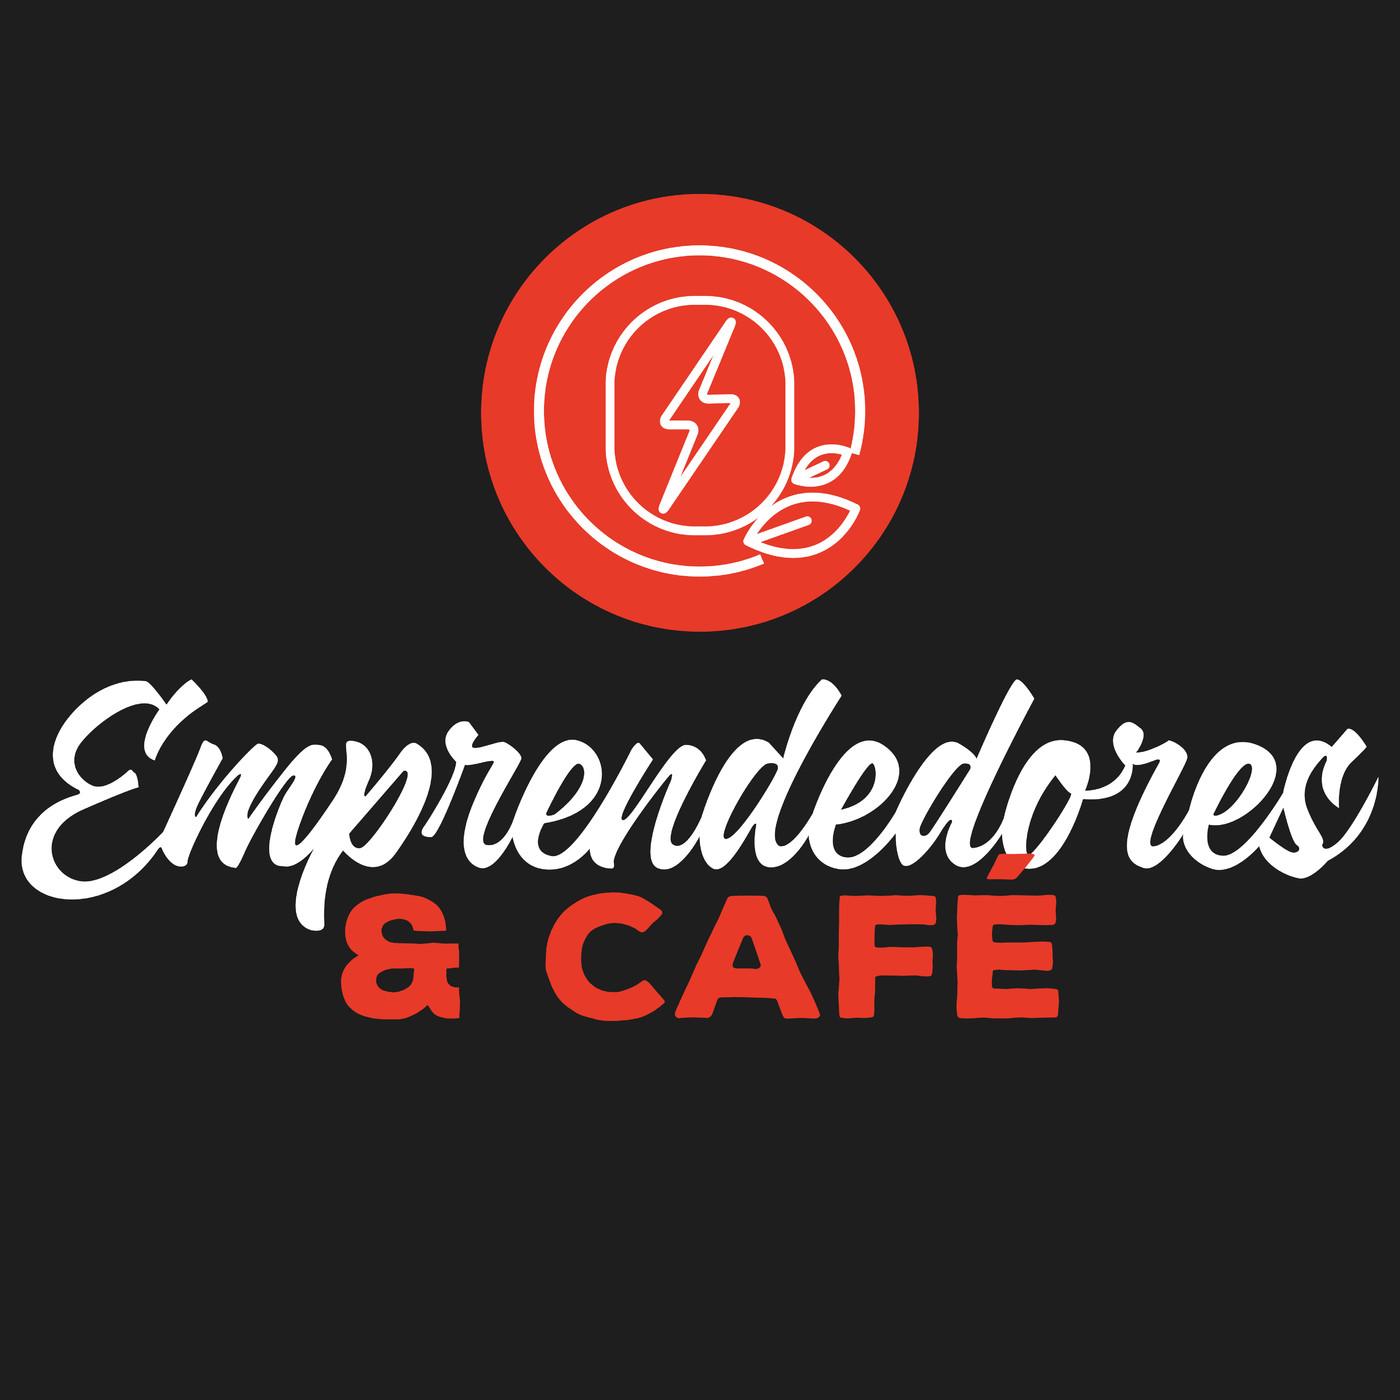 Emprendedores y Café